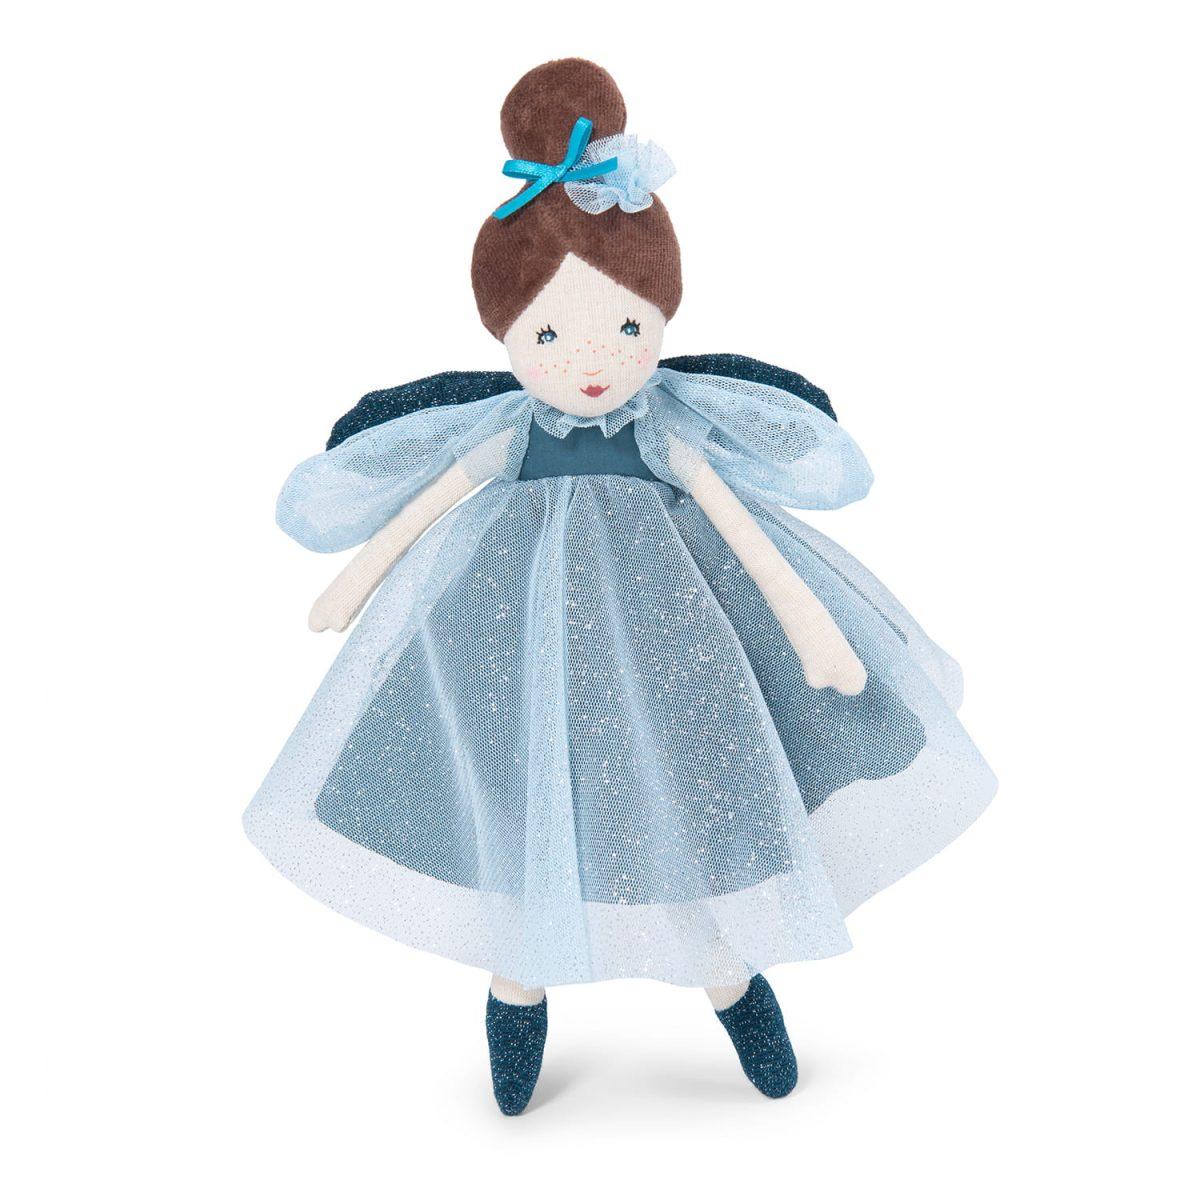 Lalka zaczarowana wróżka niebieska od Moulin Roty